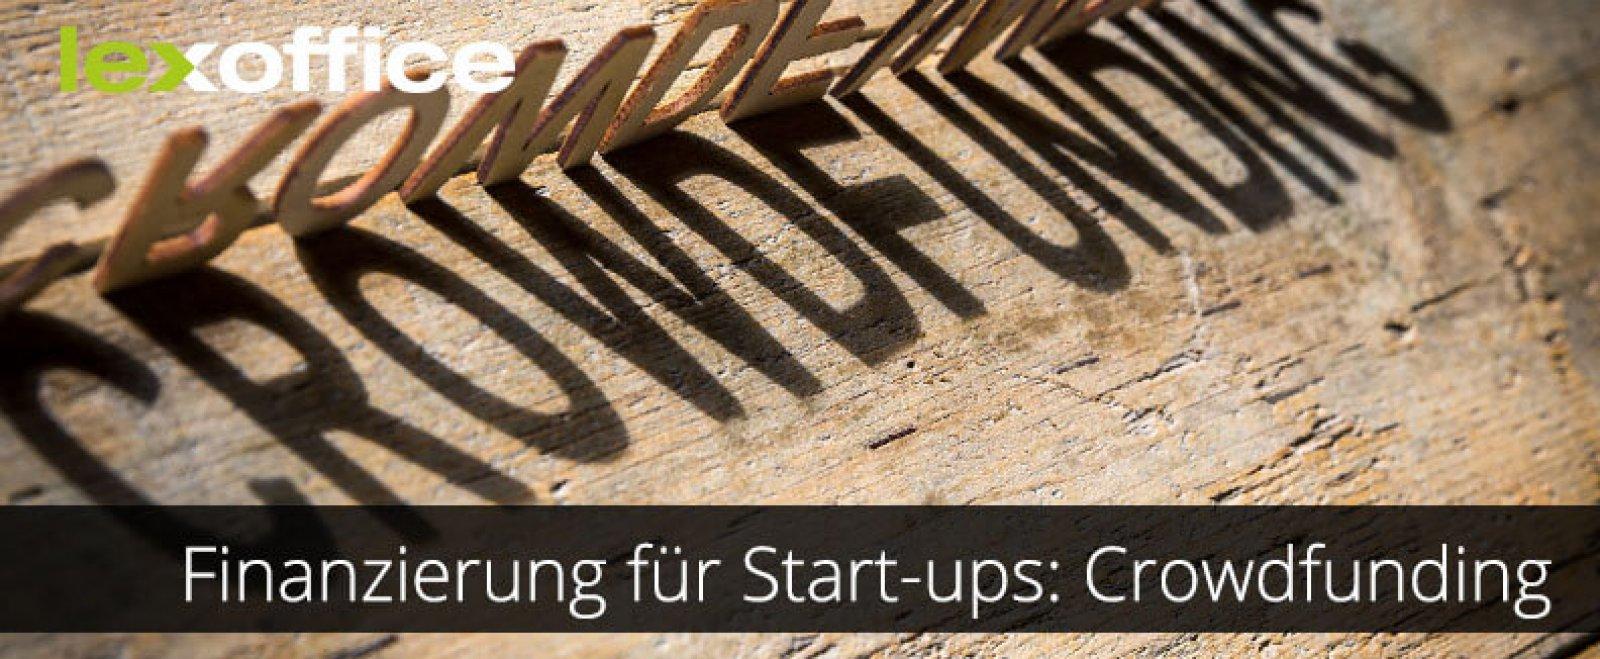 Crowdfunding: Finanzierung für Start-ups